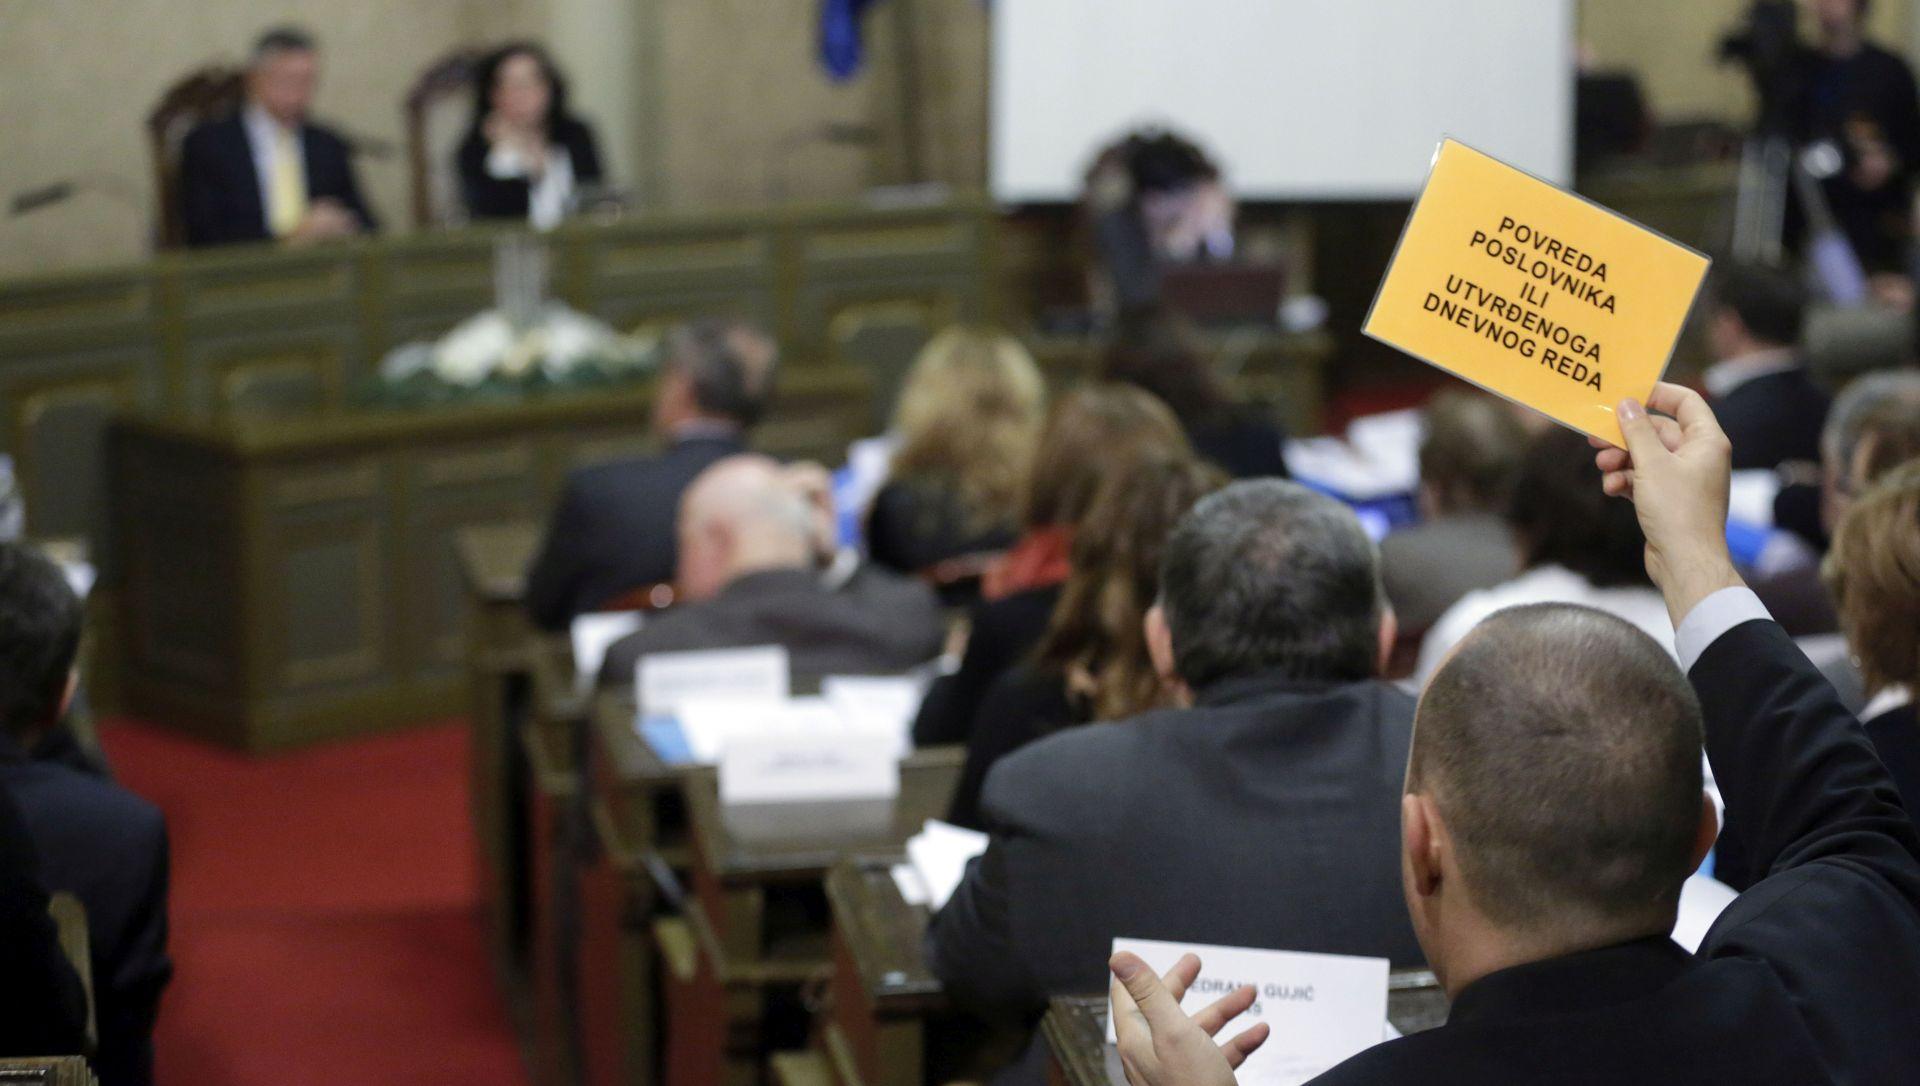 GRADSKA SKUPŠTINA: Prihvaćena odluka o spremnicima za otpad na javnim površinama